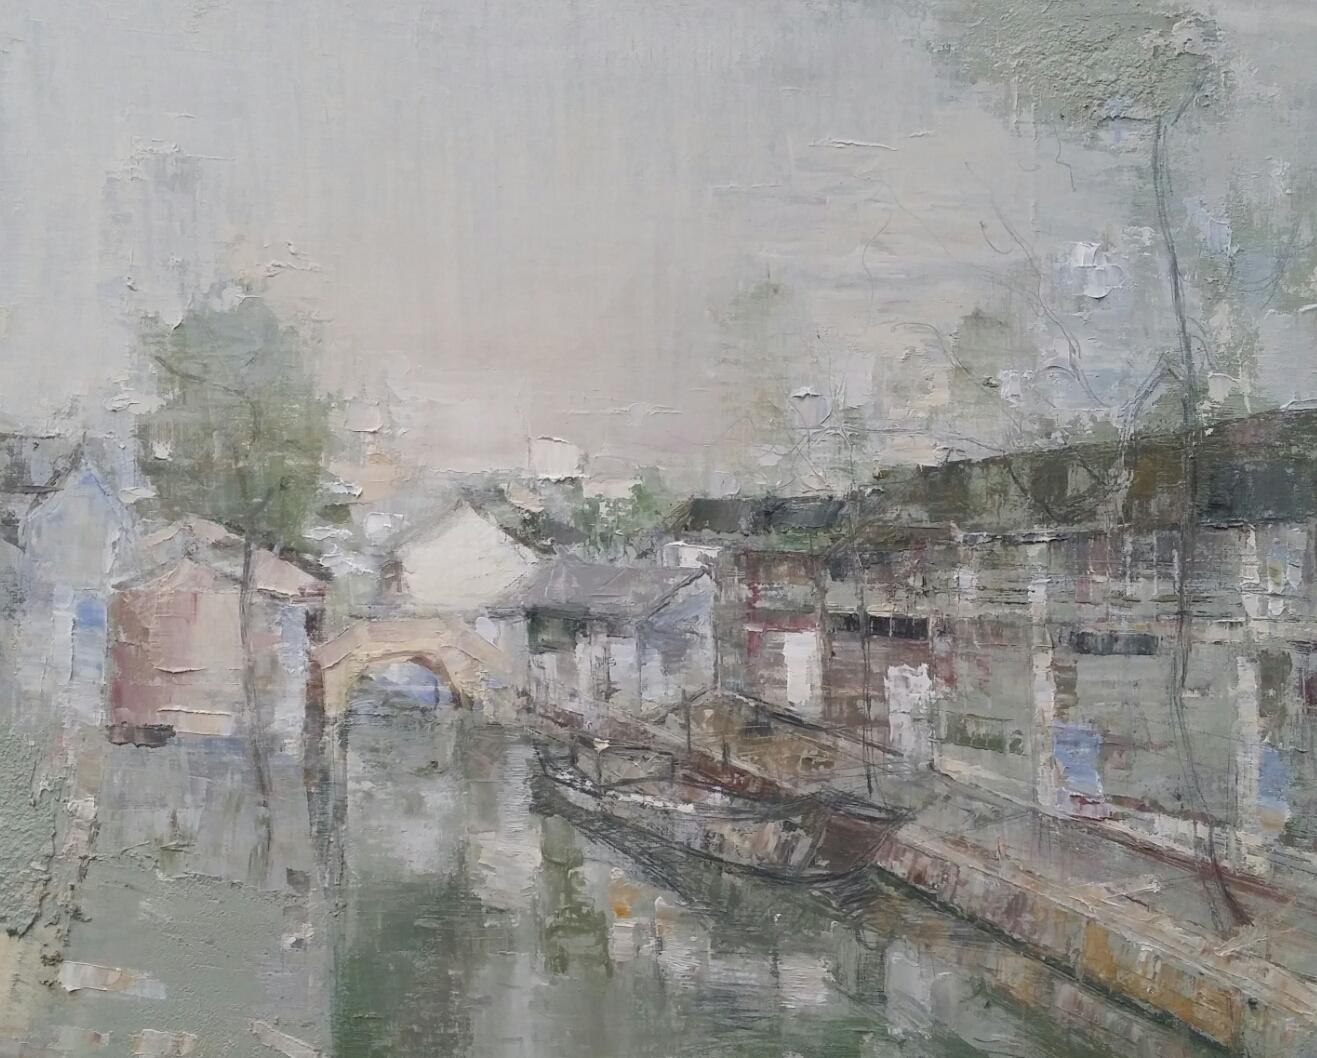 Peng Lie Hong